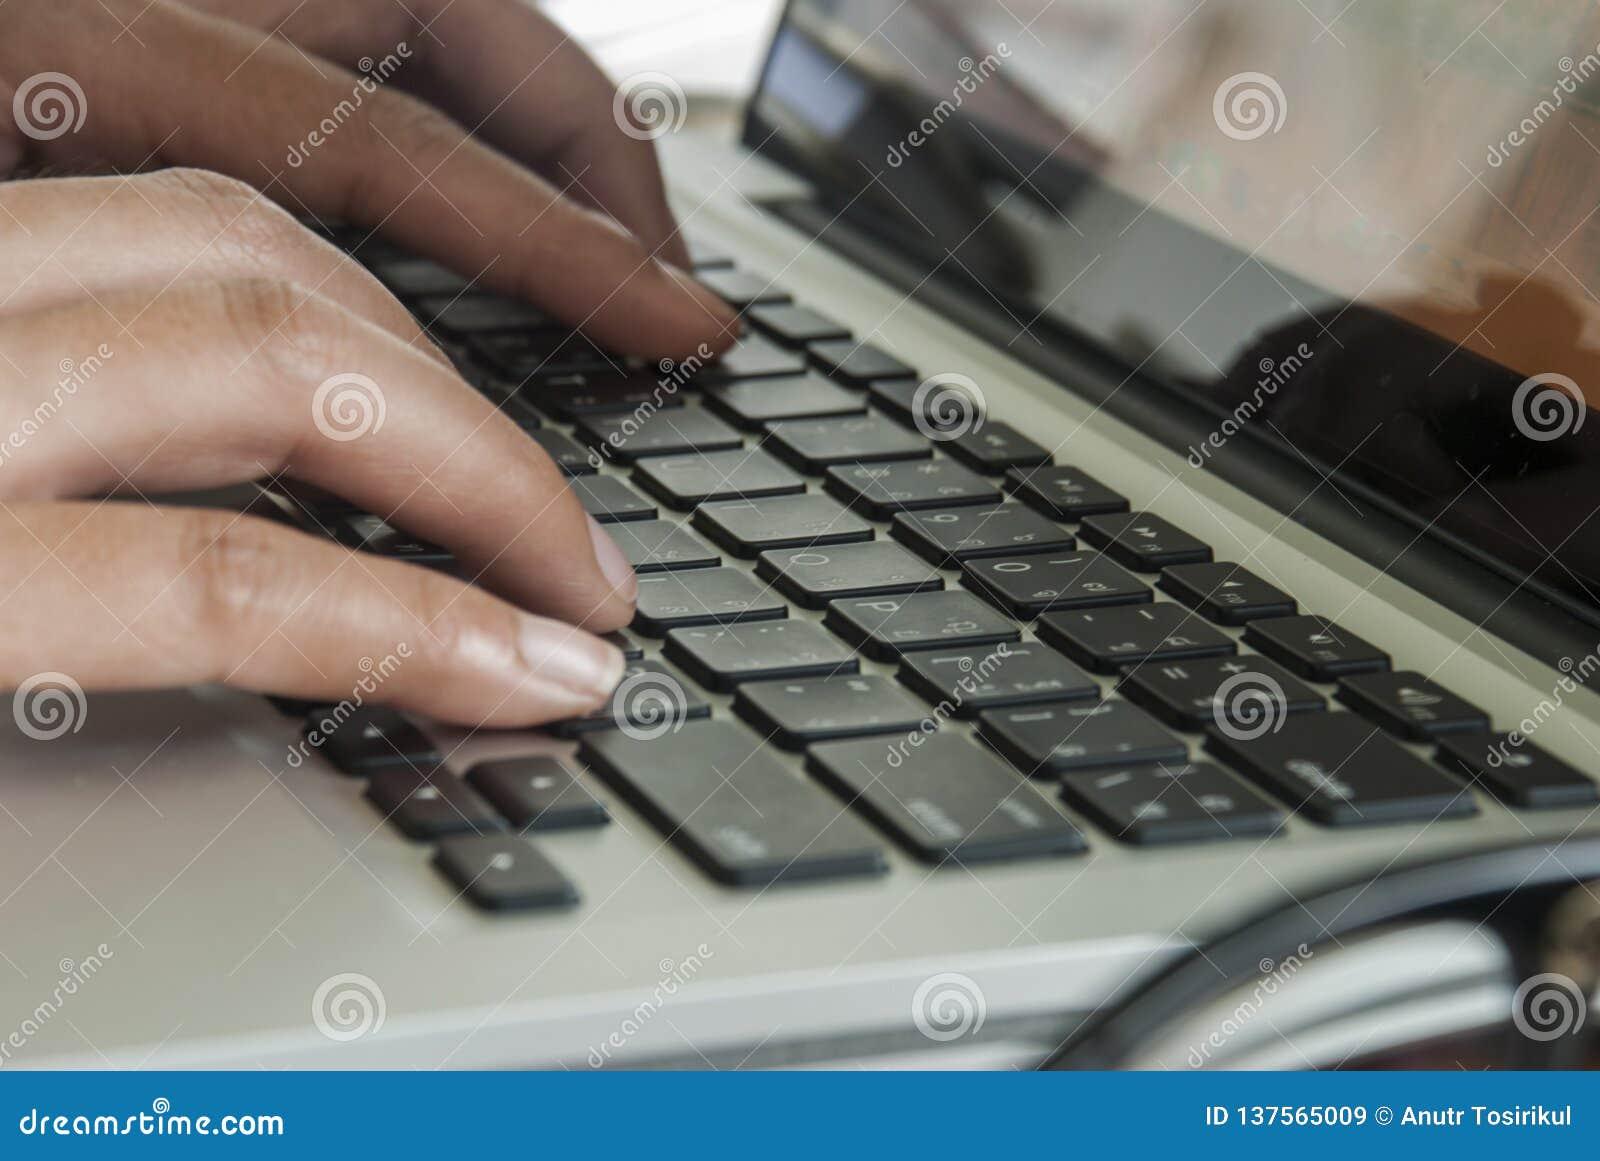 Imagen del primer de una mujer joven que está mecanografiando en un ordenador portátil